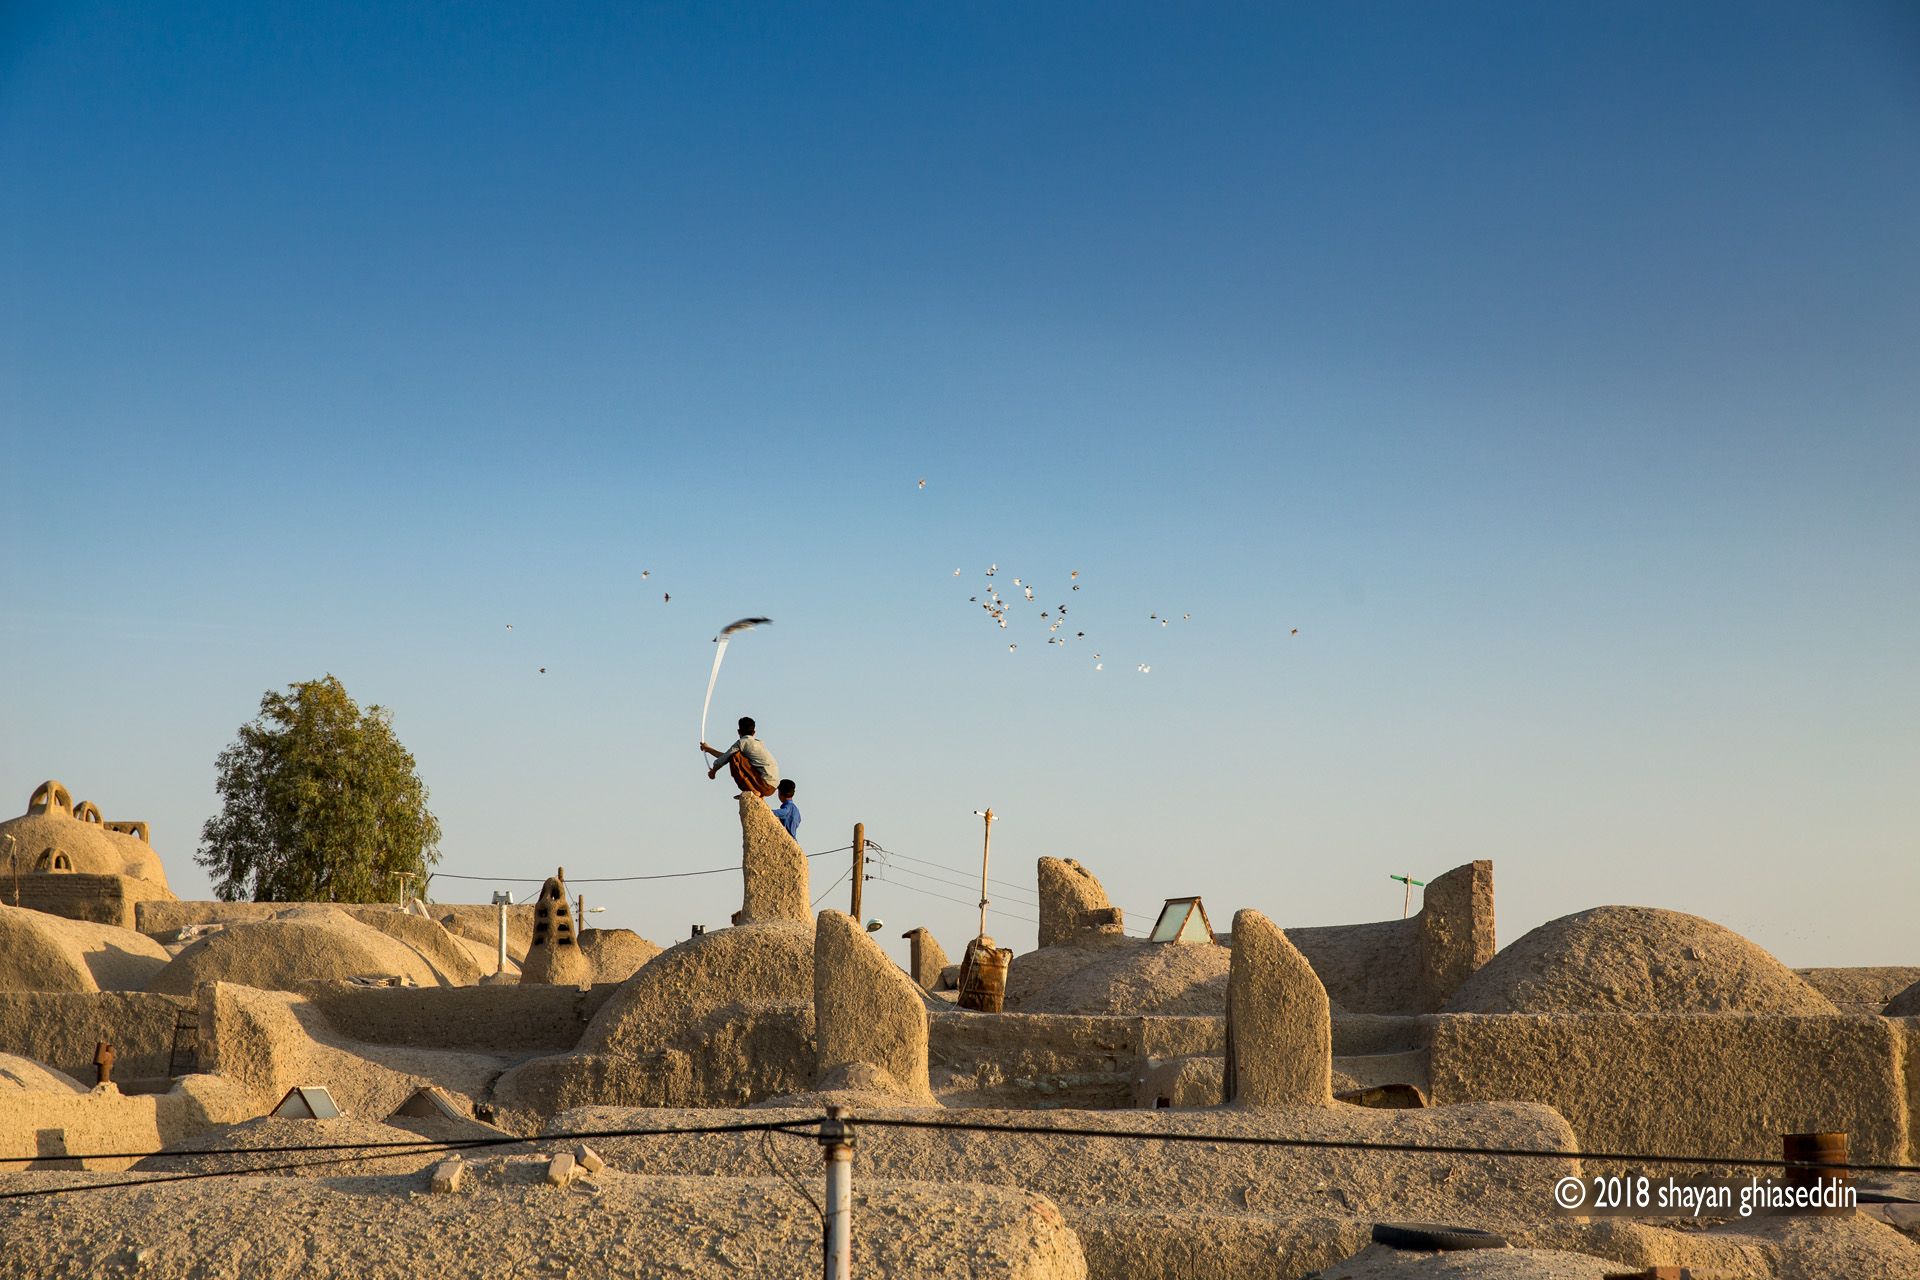 کفتربازِ روستای خور، خراسان جنوبی - آبان ۱۳۹۶